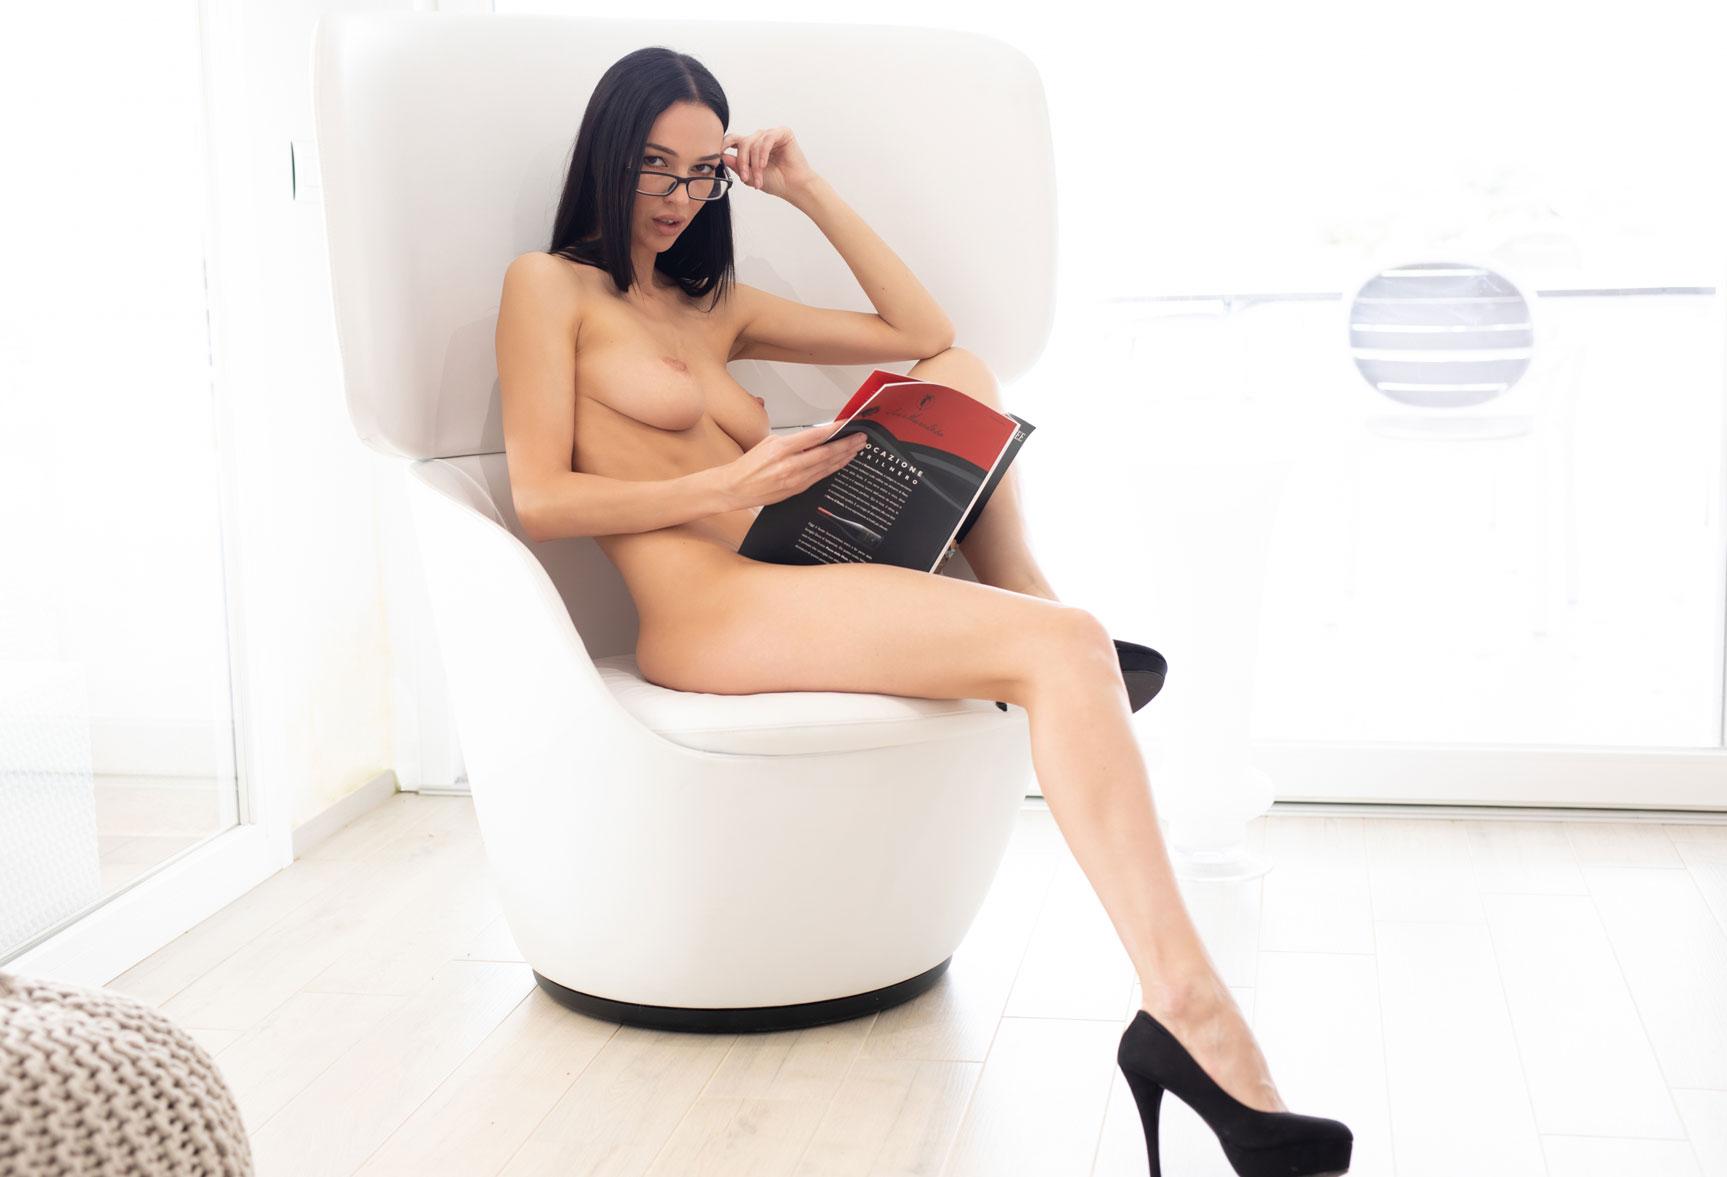 Чтение и другие радости сексуальной девушки / Анастасия Марципанова, фотограф Филиппо Сано / фото 19